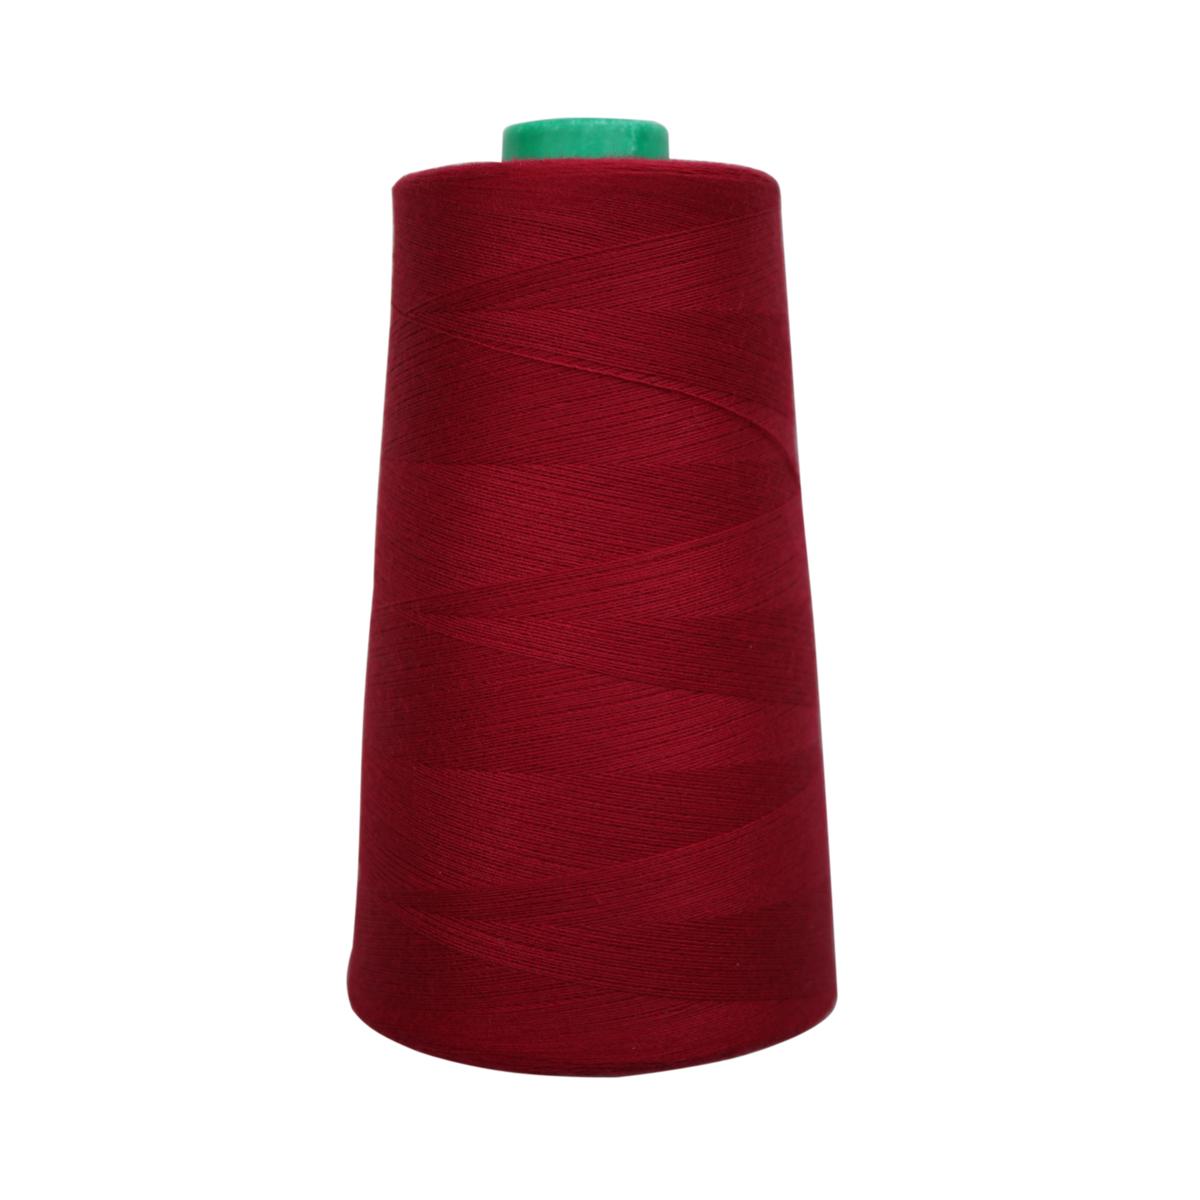 Нитки для шитья Bestex 50/2, 5000 ярд, цвет: т.т.красный (245)7700936-245Сфера использования: трикотаж; ткани малого веса; оверлочные швы; отделка краев; вышивка. Размер игл №70-80